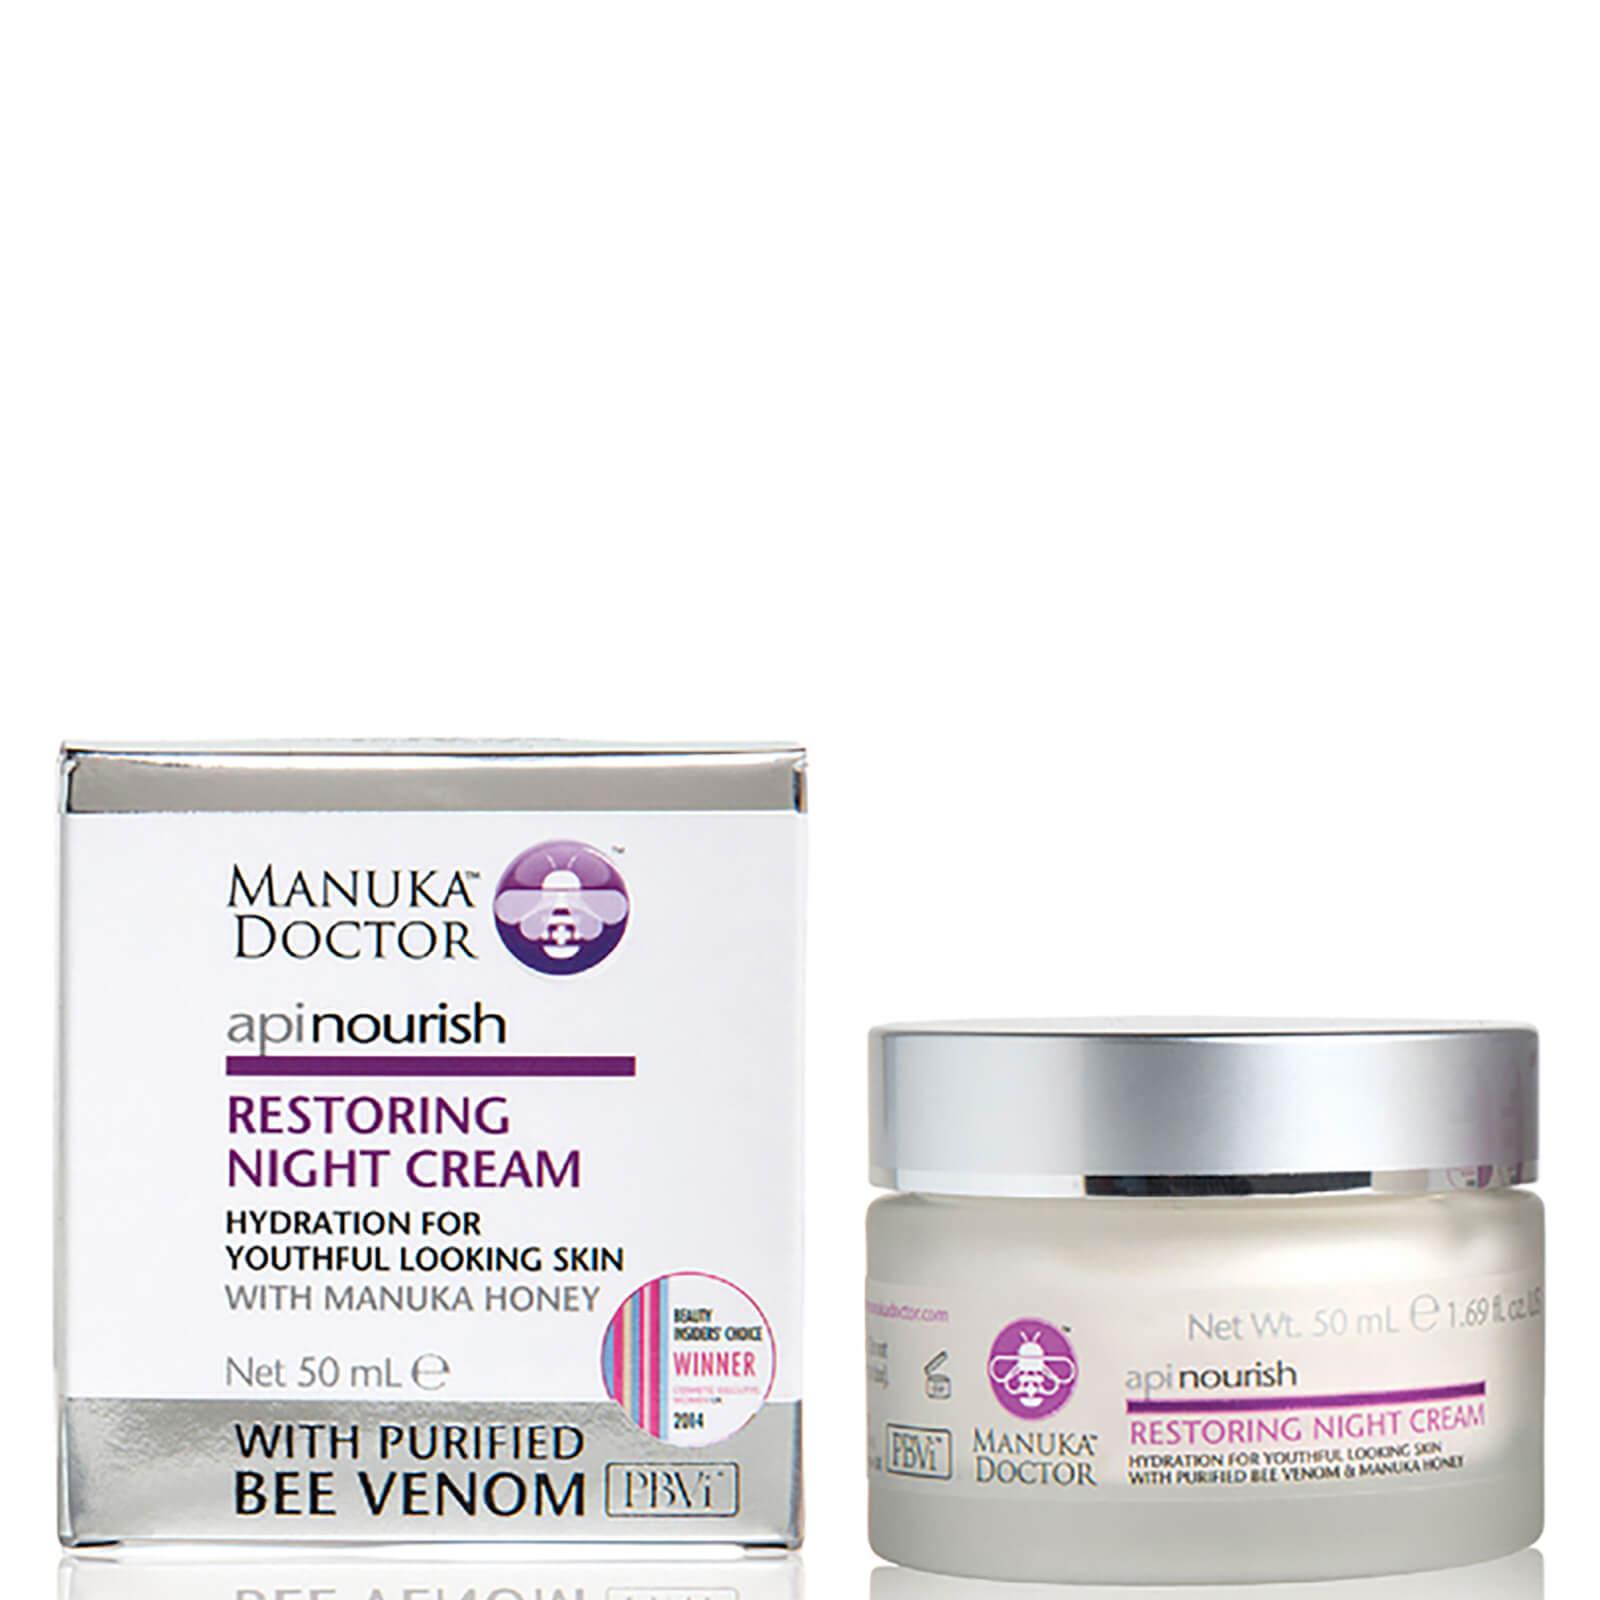 Manuka Doctor Crème de Nuit Réparatrice ApiNourish Manuka Doctor50 ml